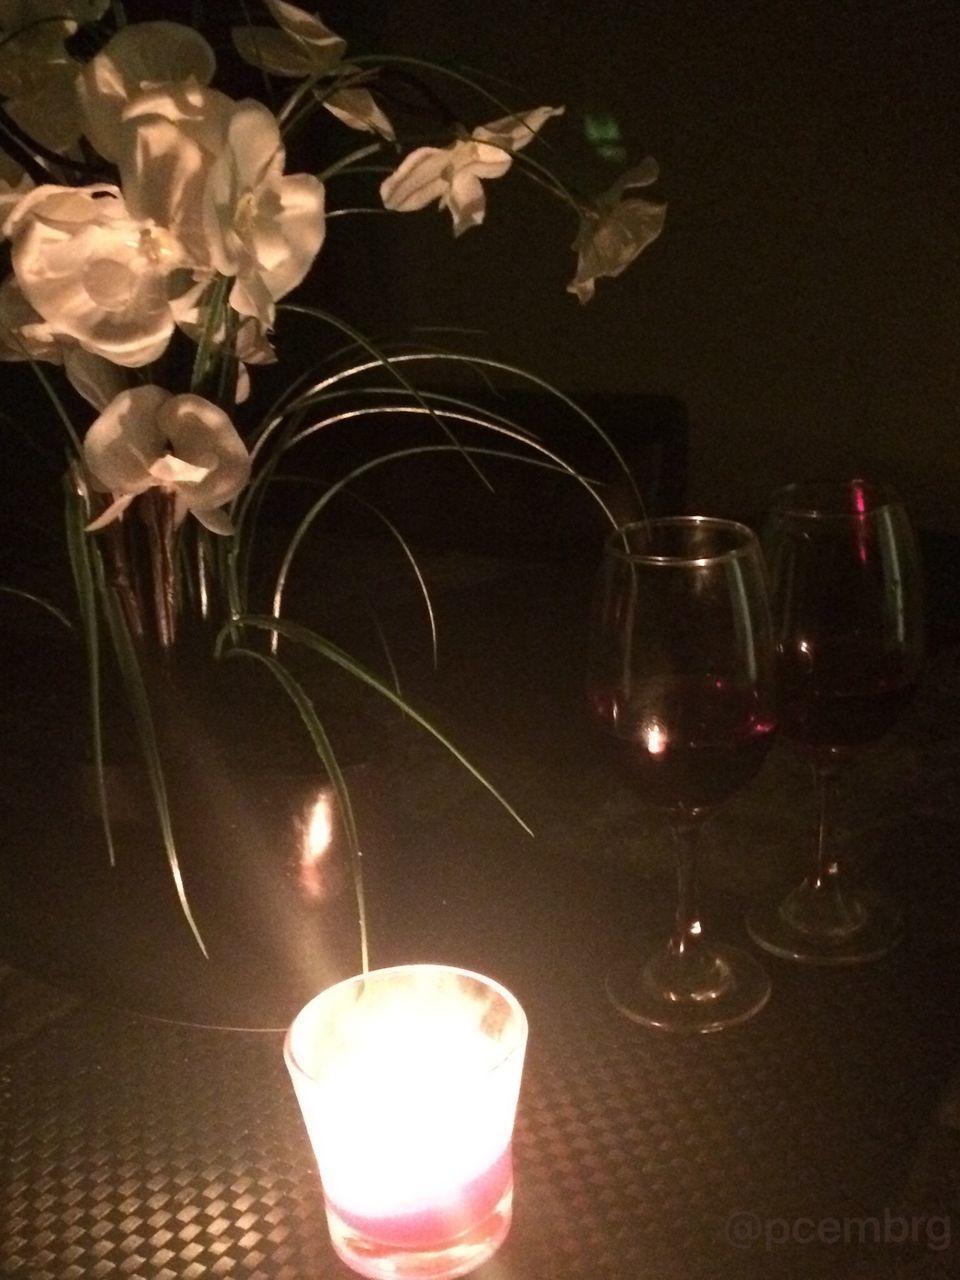 illuminated, candle, night, flame, flower, burning, table, indoors, close-up, no people, celebration, wineglass, freshness